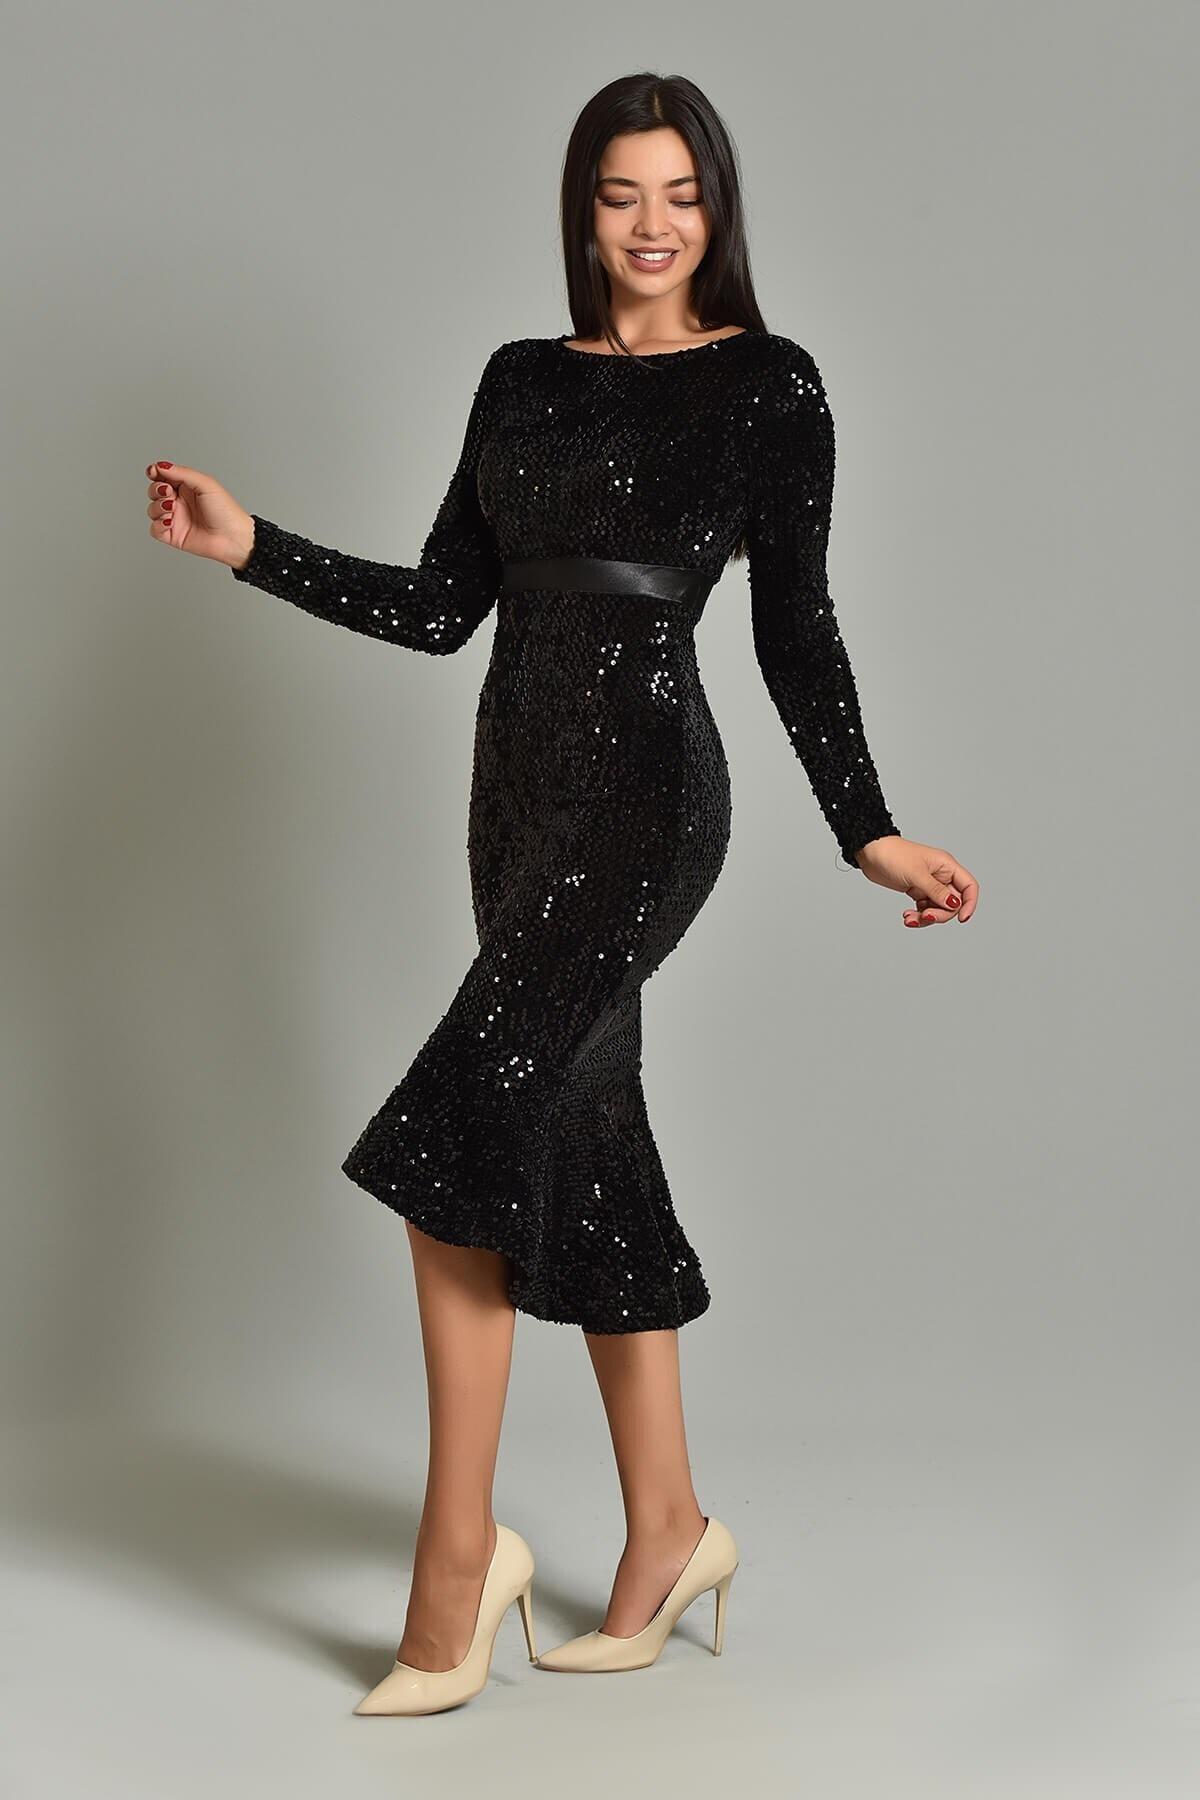 Modakapimda Siyah Pul Payet Eteği Volanlı Abiye Elbise 2